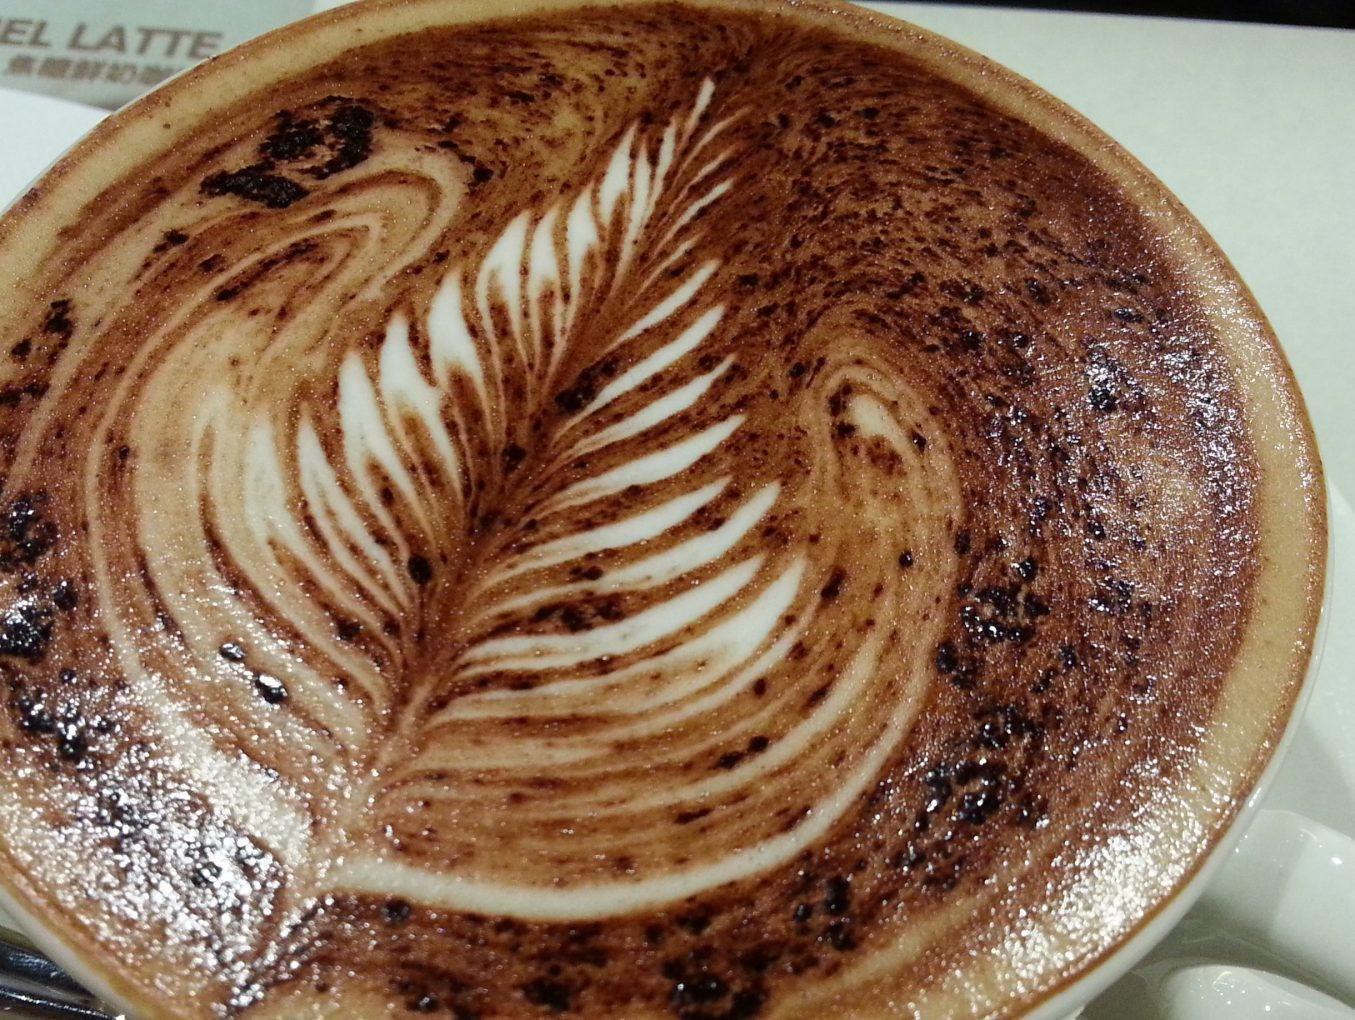 咖啡 -- 提神陷阱